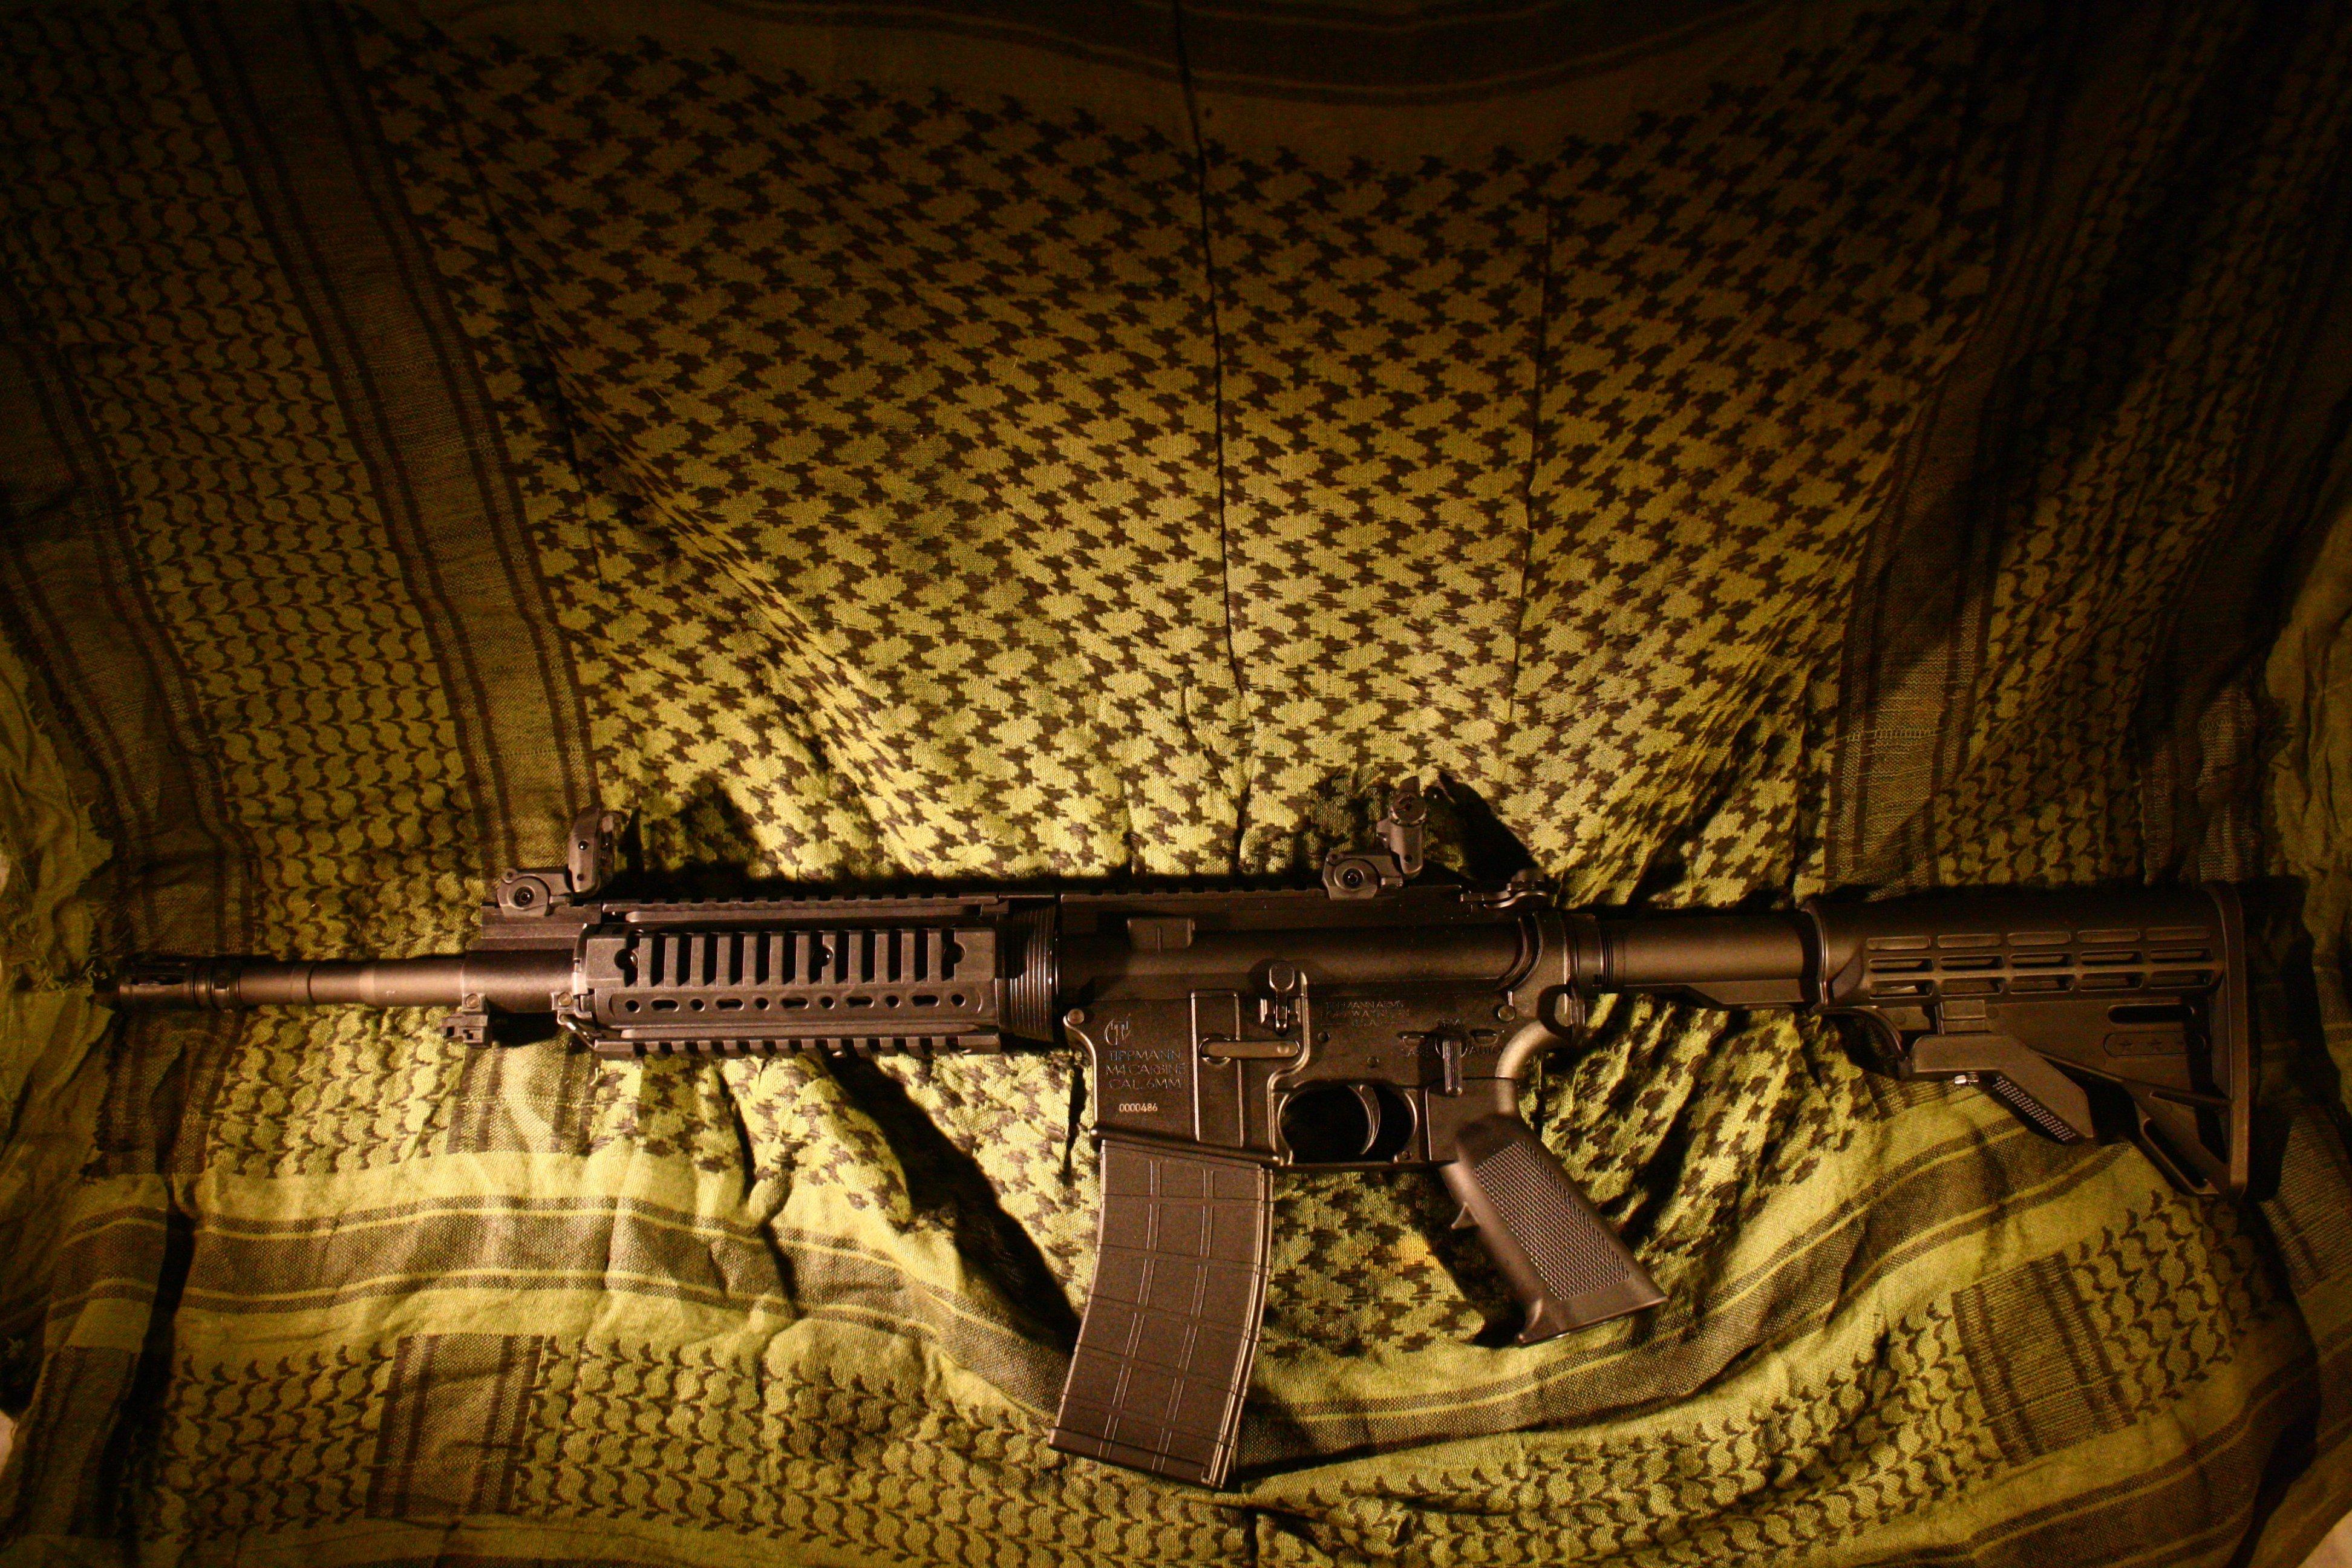 Tippmann M4 Co2/ HPA